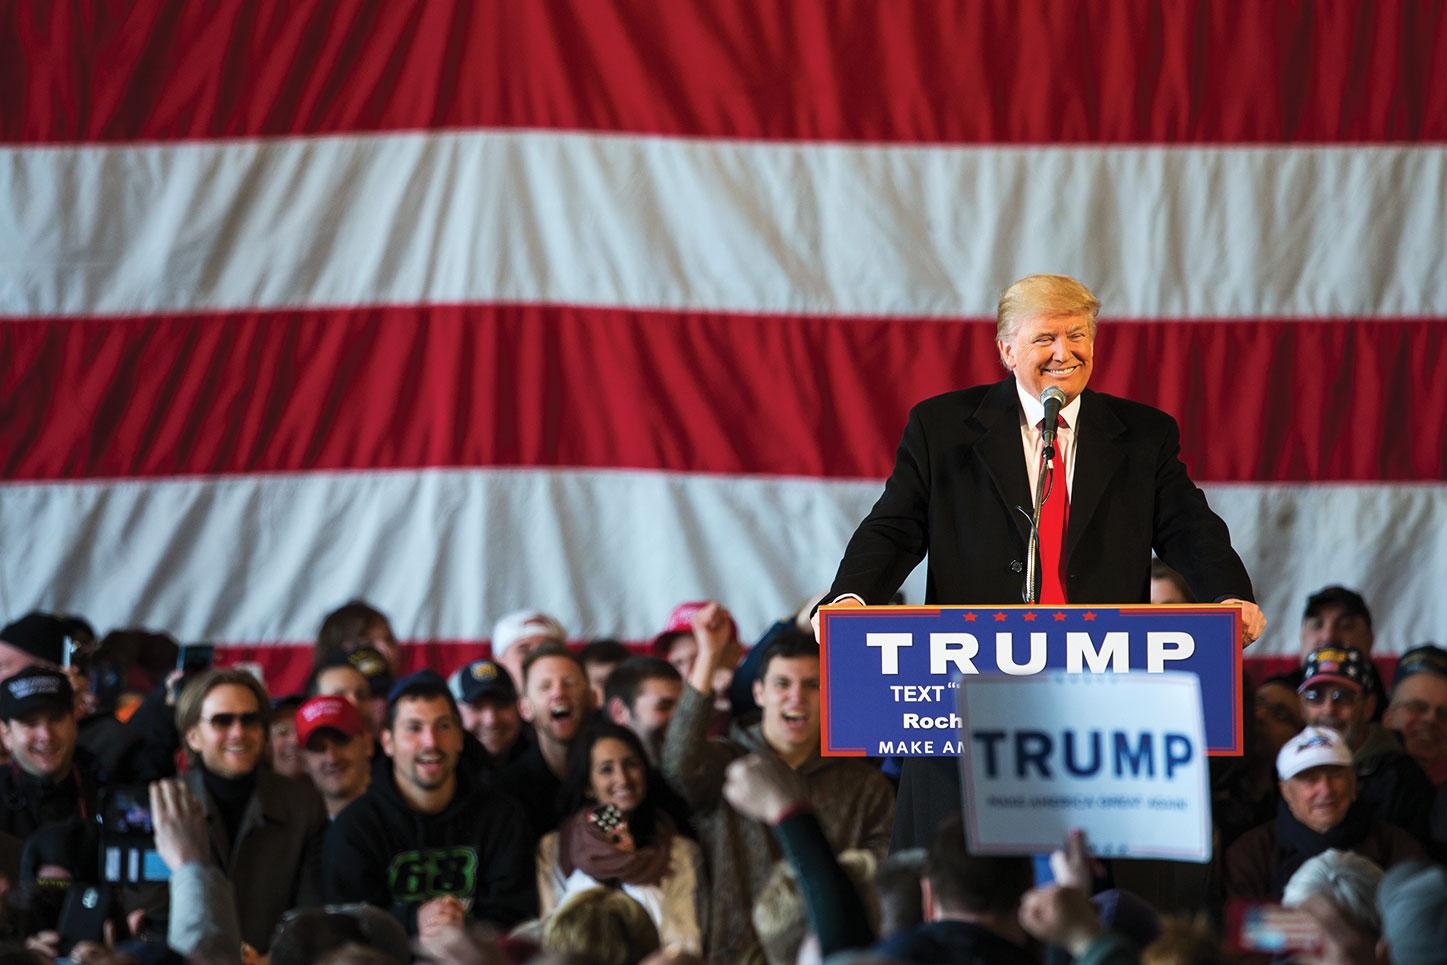 La campaña de Donald Trump se destacó en el uso de Facebook, ya que fue diseñado para ser utilizado por los anunciantes.